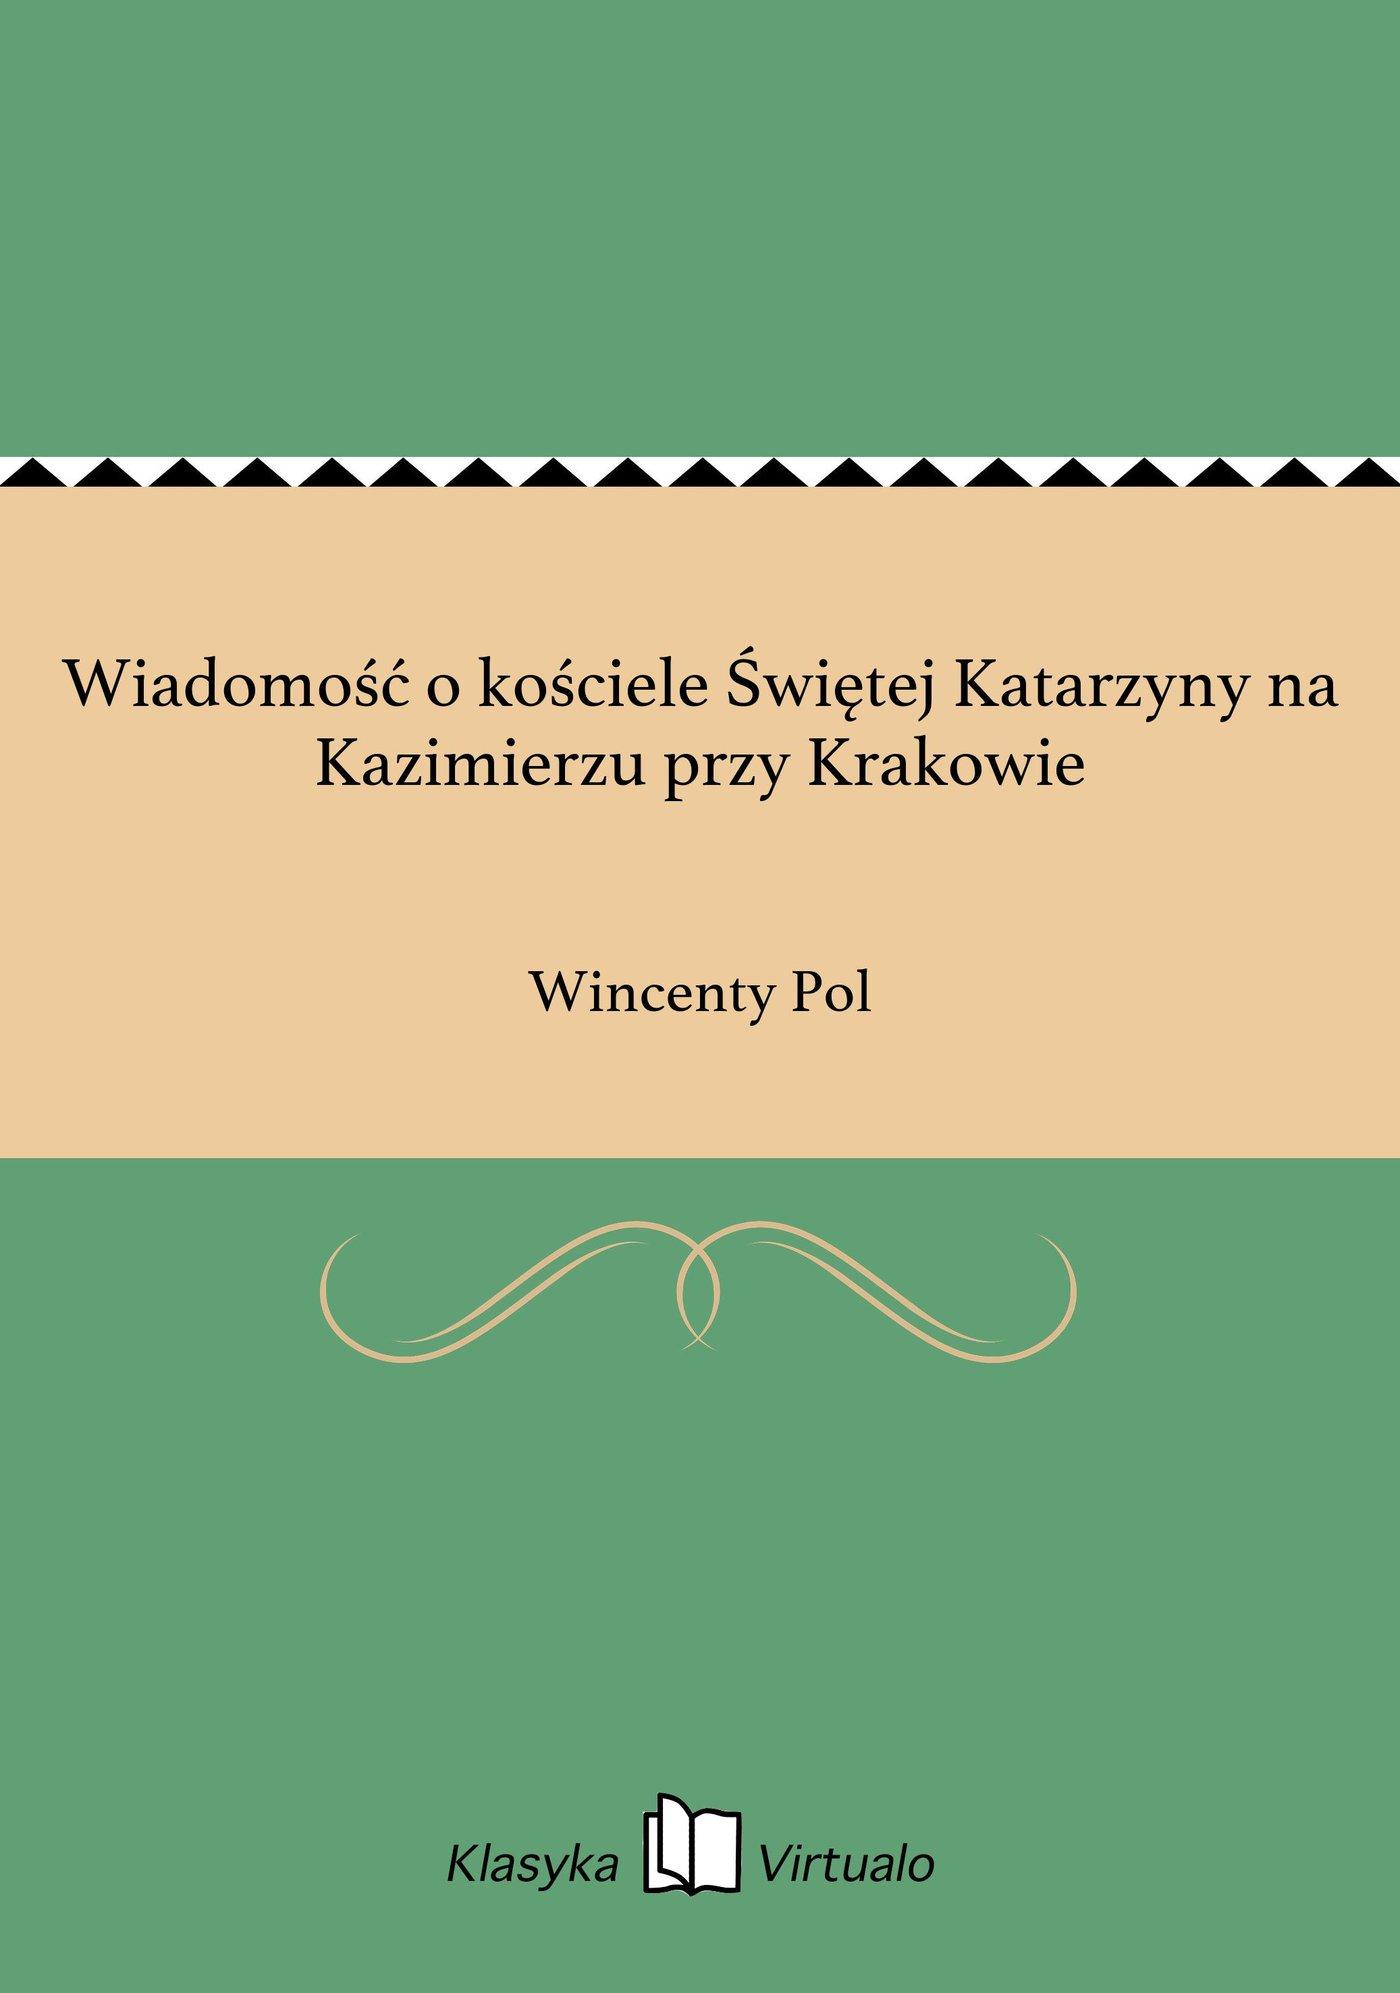 Wiadomość o kościele Świętej Katarzyny na Kazimierzu przy Krakowie - Ebook (Książka EPUB) do pobrania w formacie EPUB